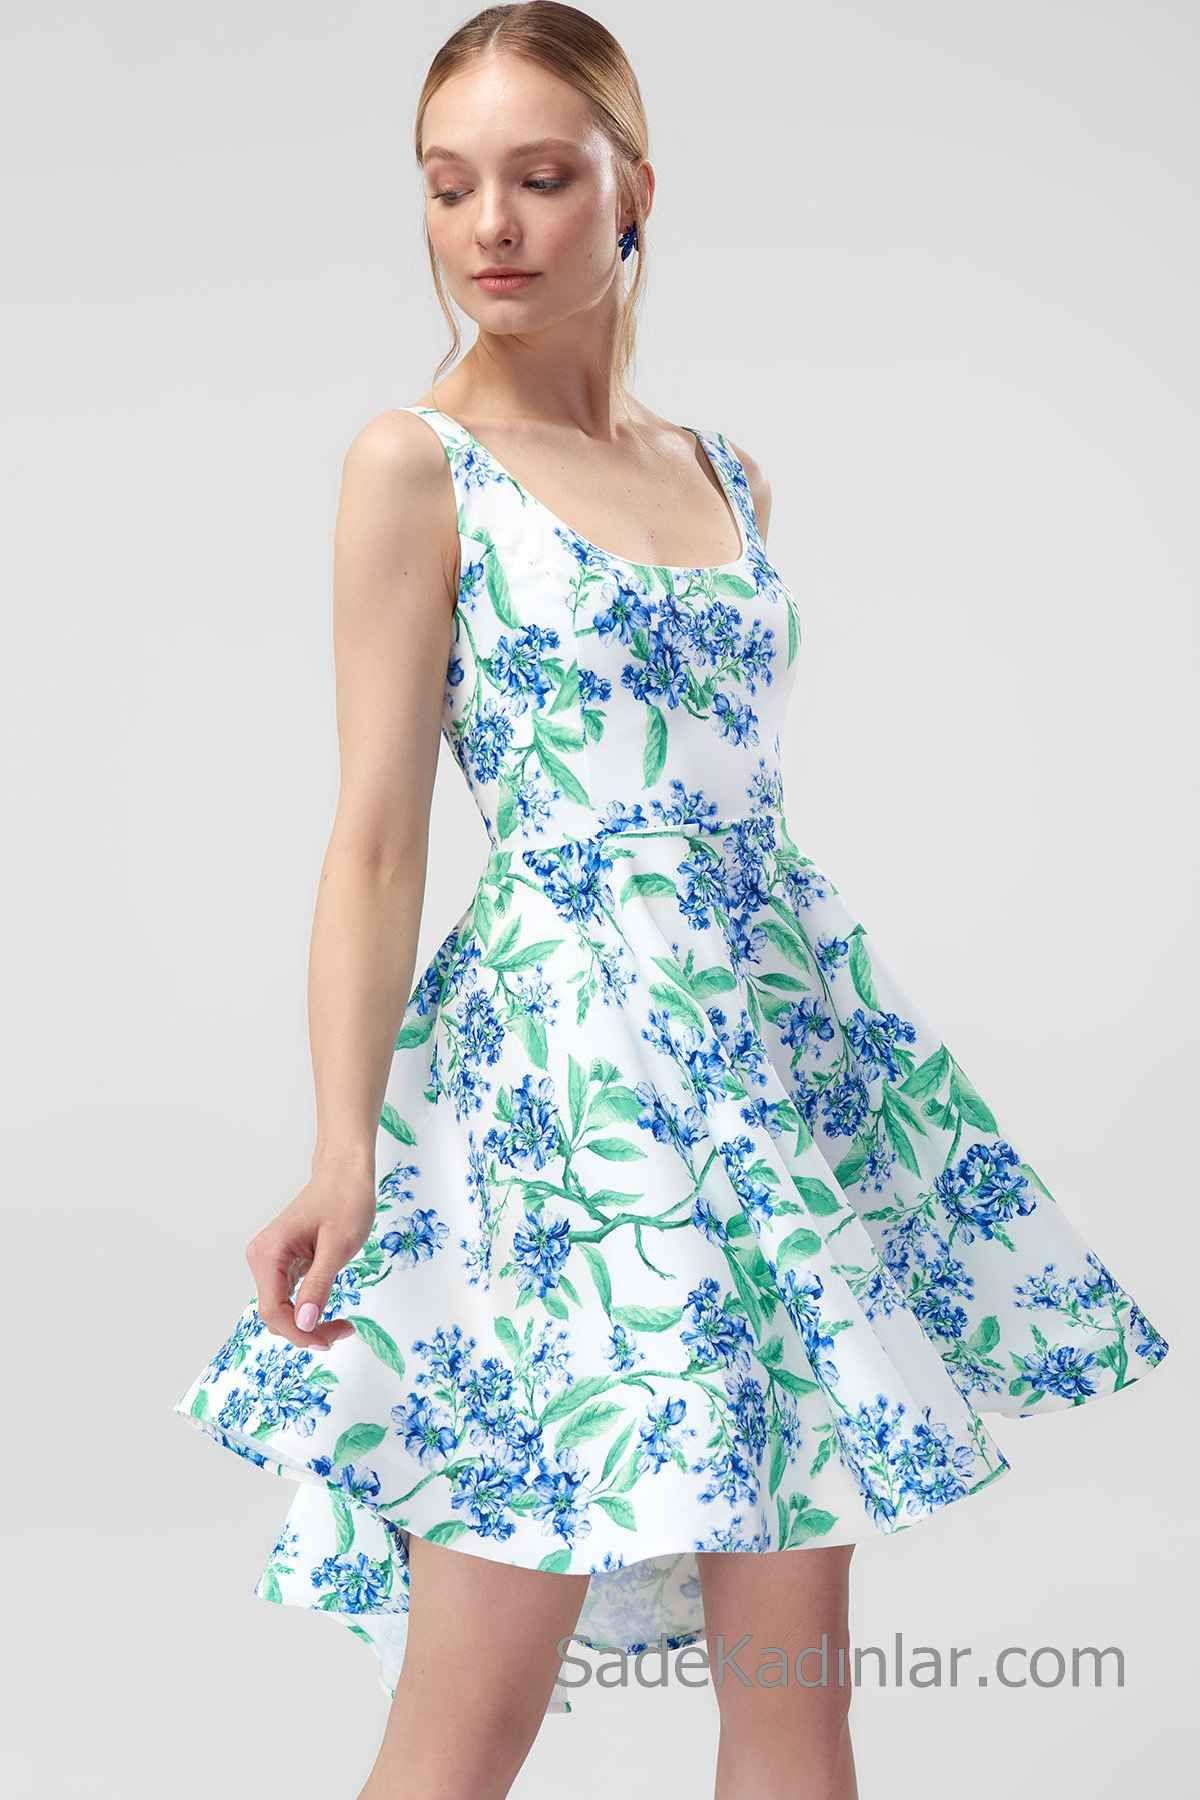 2020 Gunluk Elbise Modelleri Beyaz Kisa Askili Genis Yaka Klos Etek Cicek Desenli Elbise Modelleri The Dress Elbise